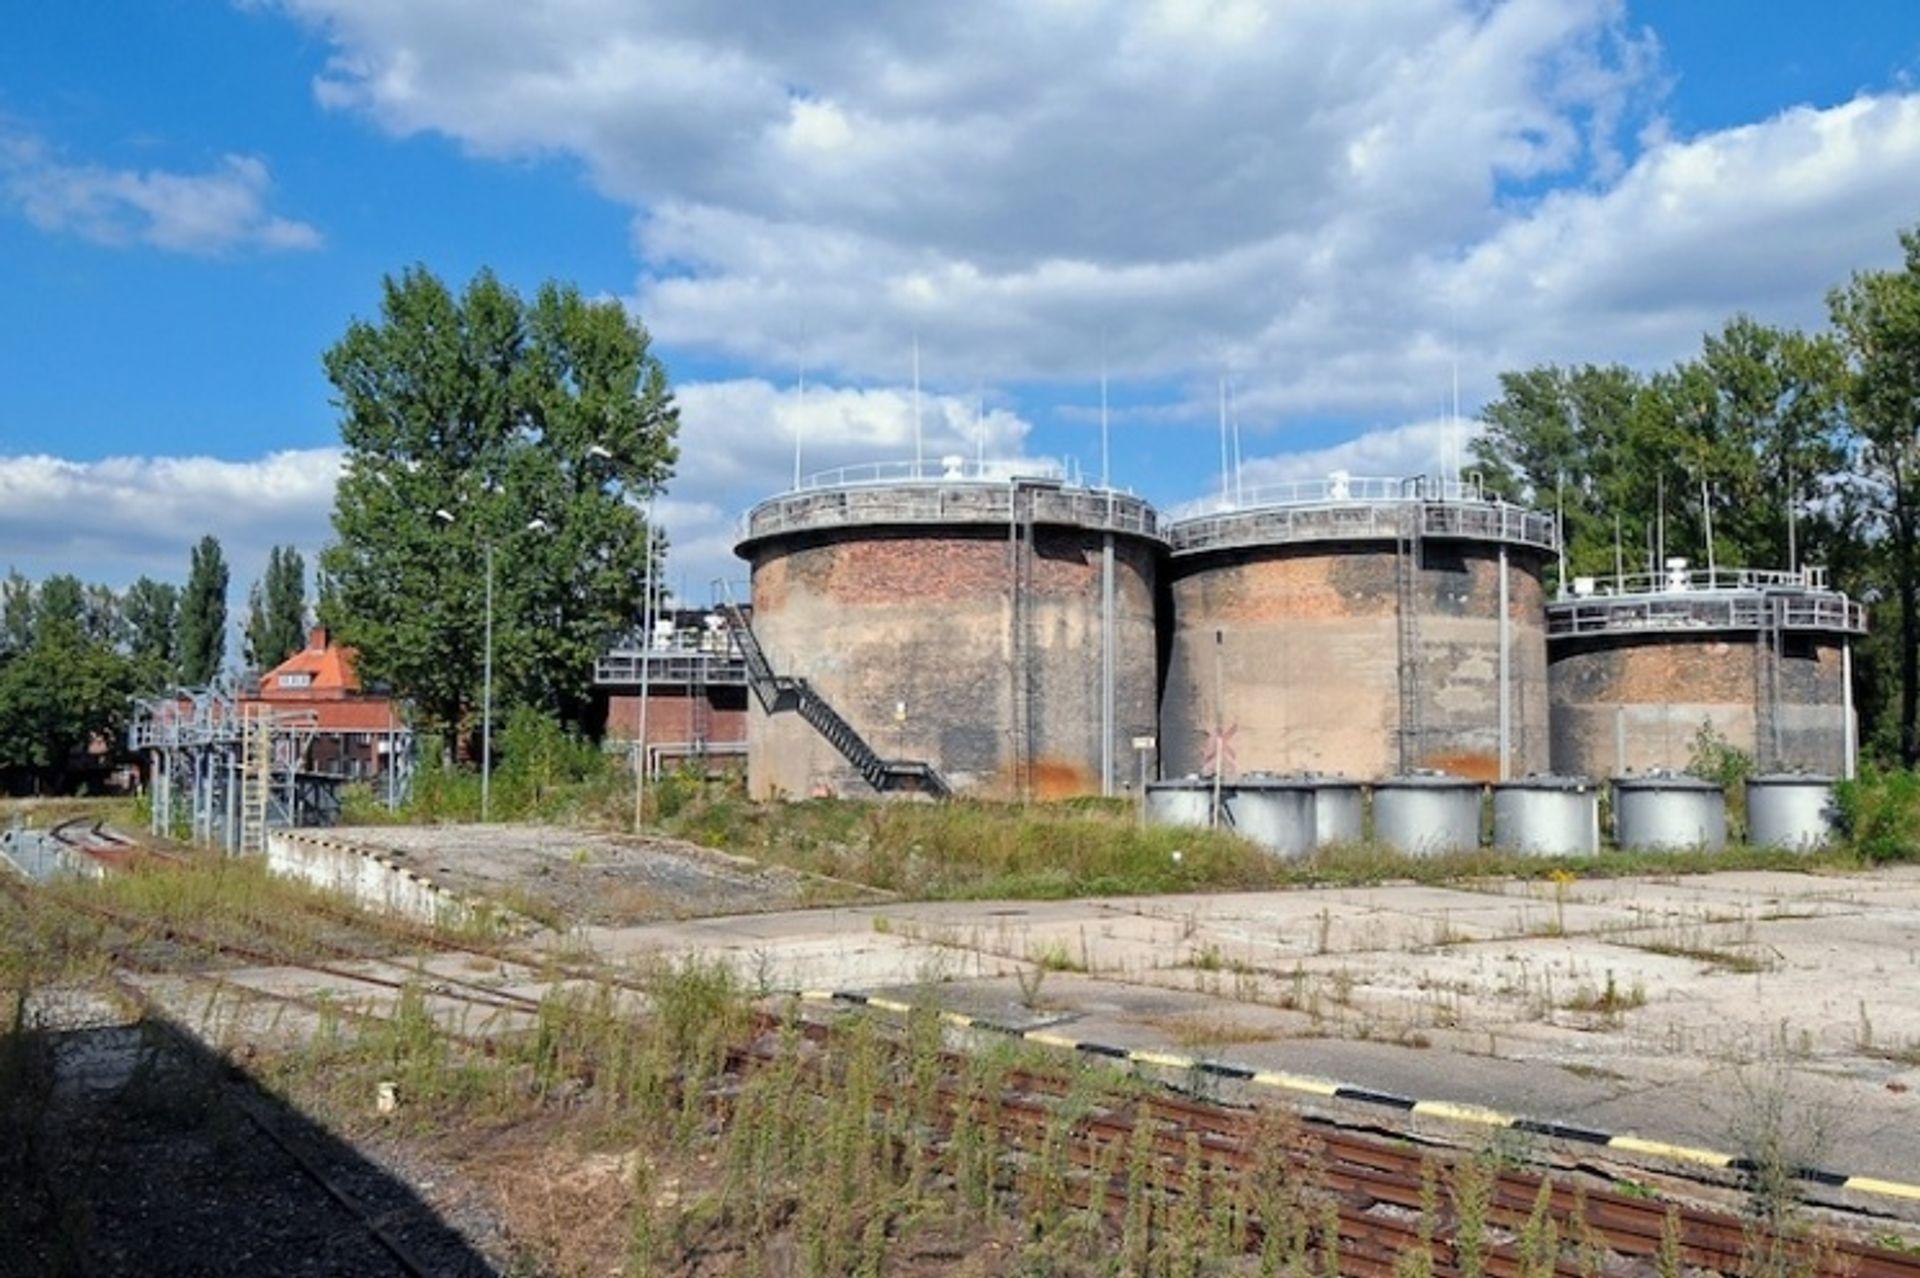 [Wrocław] Wojsko szuka kupca na bazę paliwową z bocznicą kolejową i basenem portowym